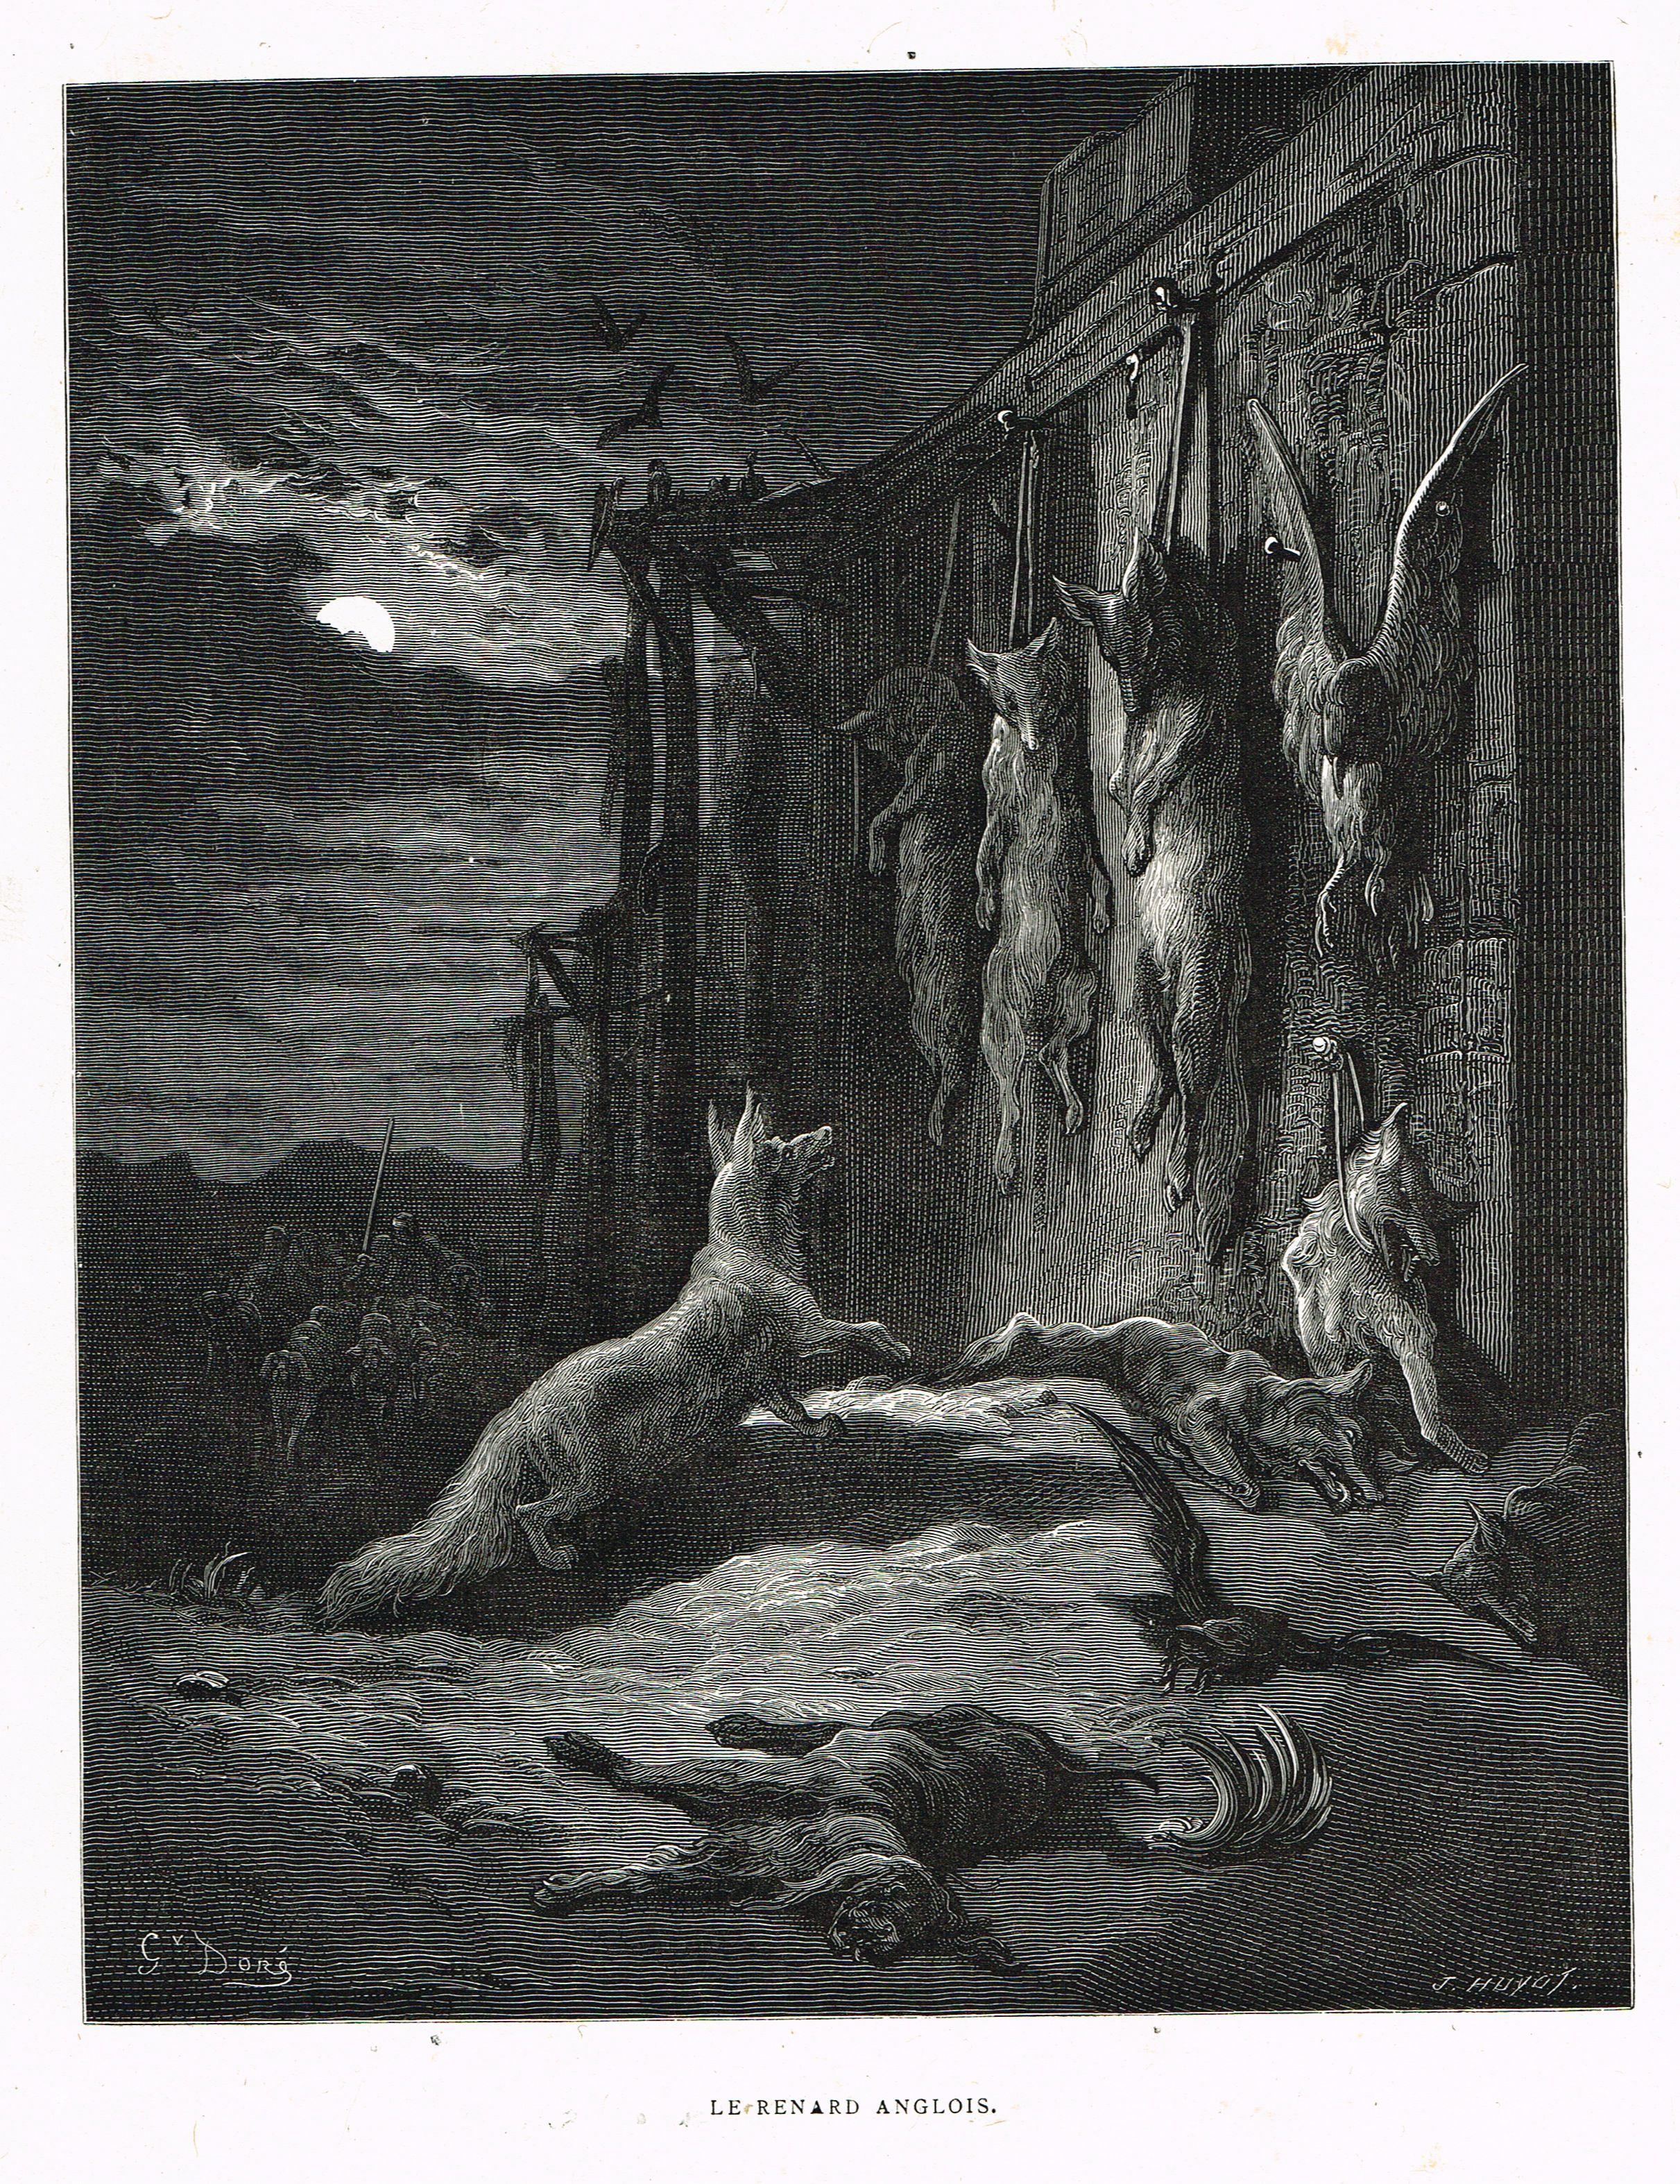 Anglois le renard anglois - fable de jean de la fontaine illustrée